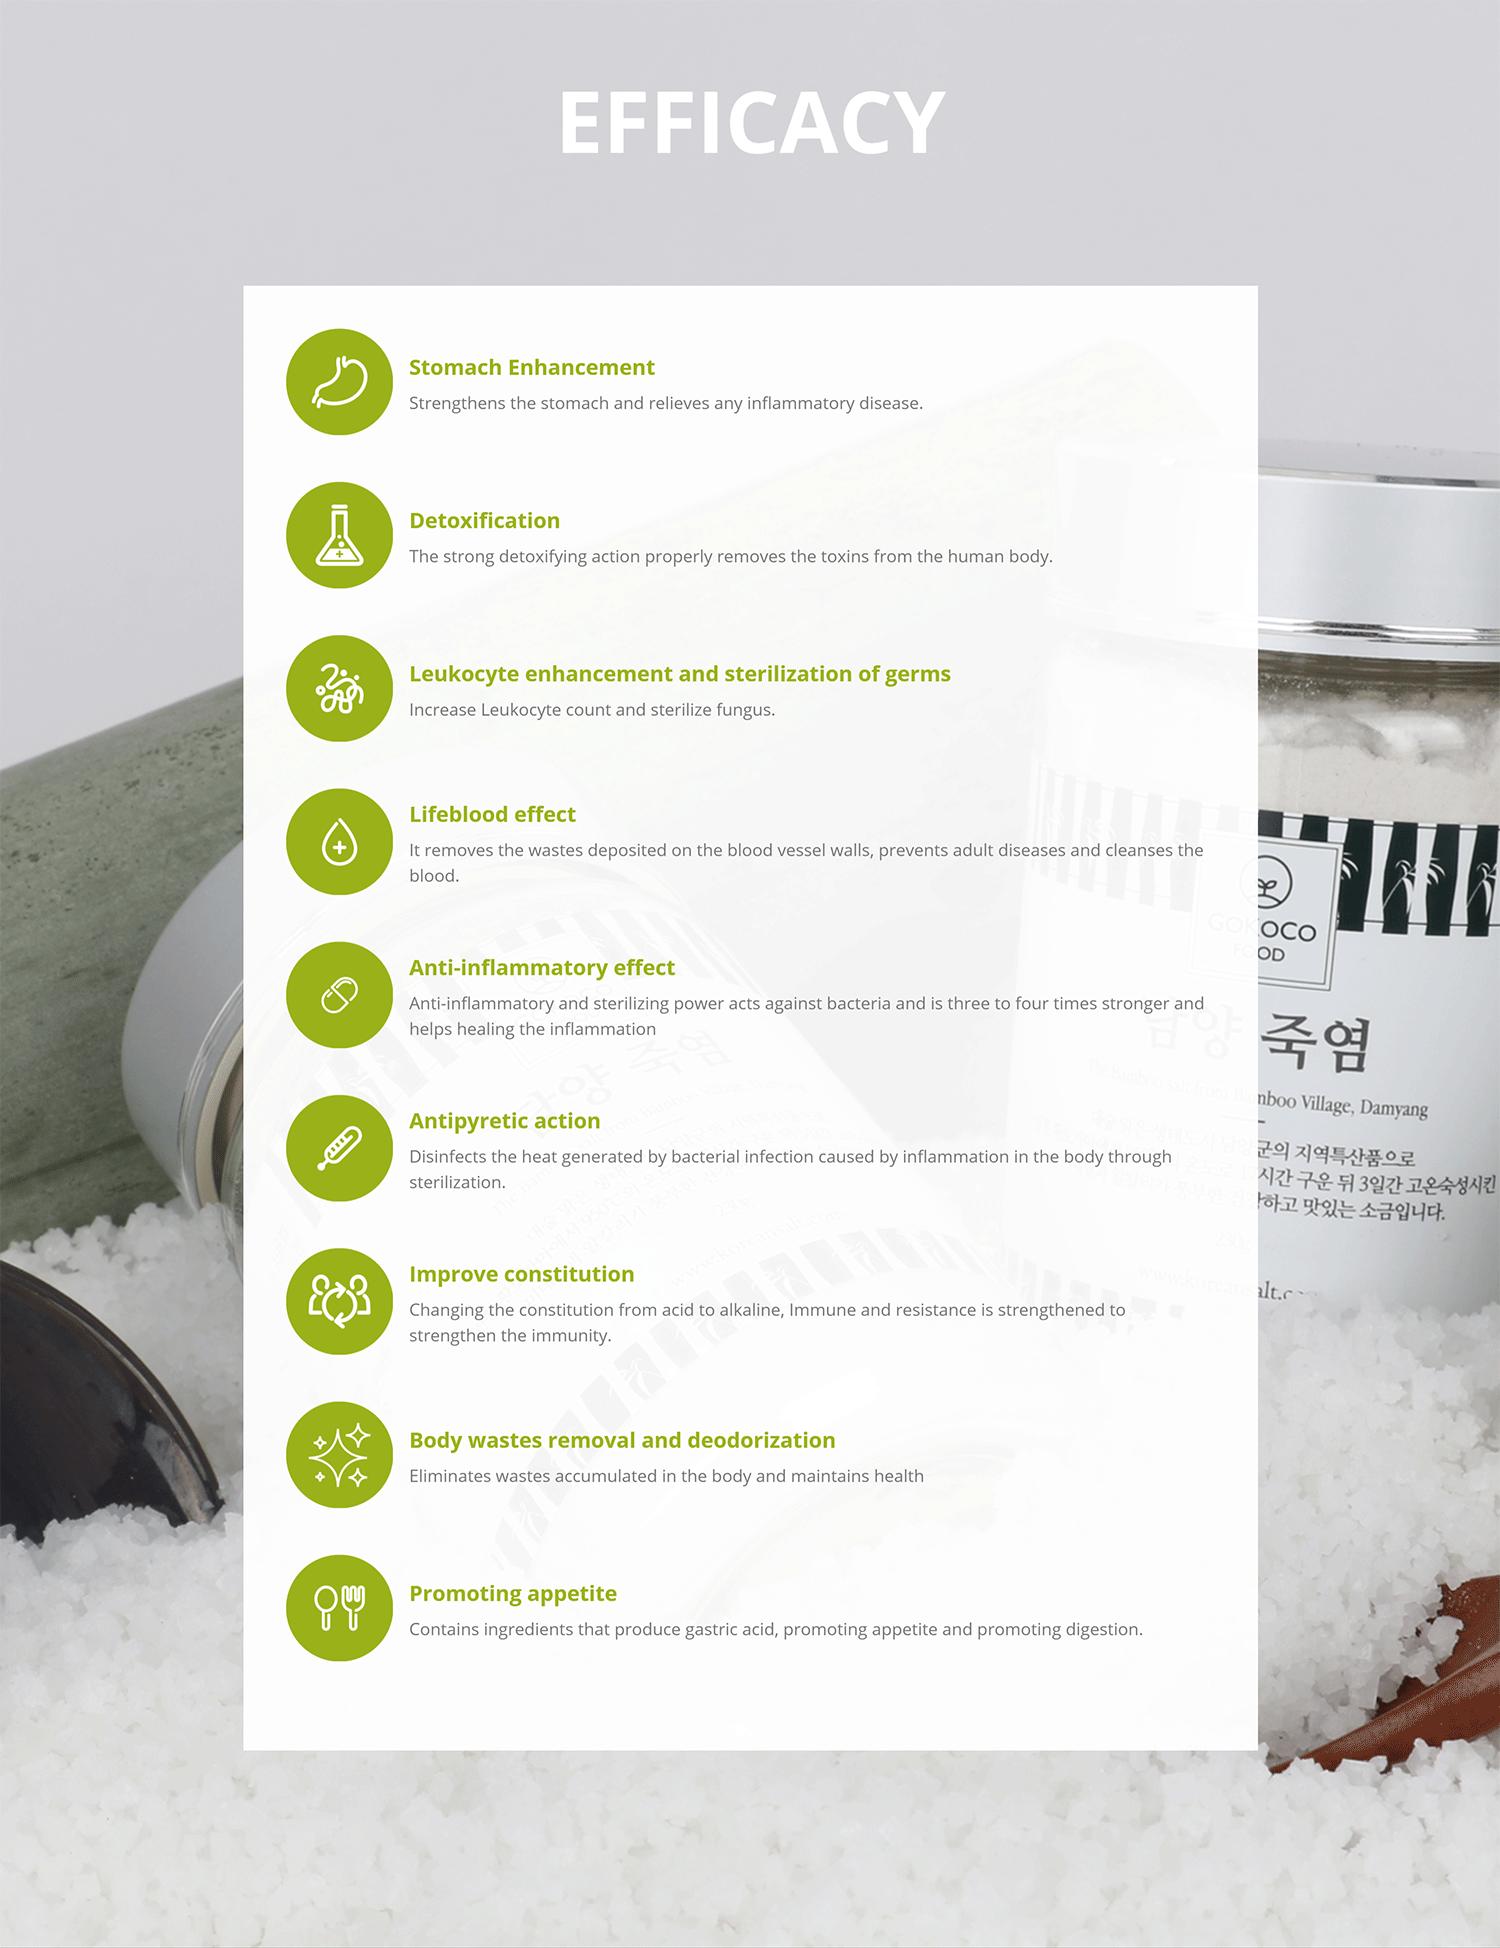 GOKOCO Damyang Bamboo Salt Made in Korea _07